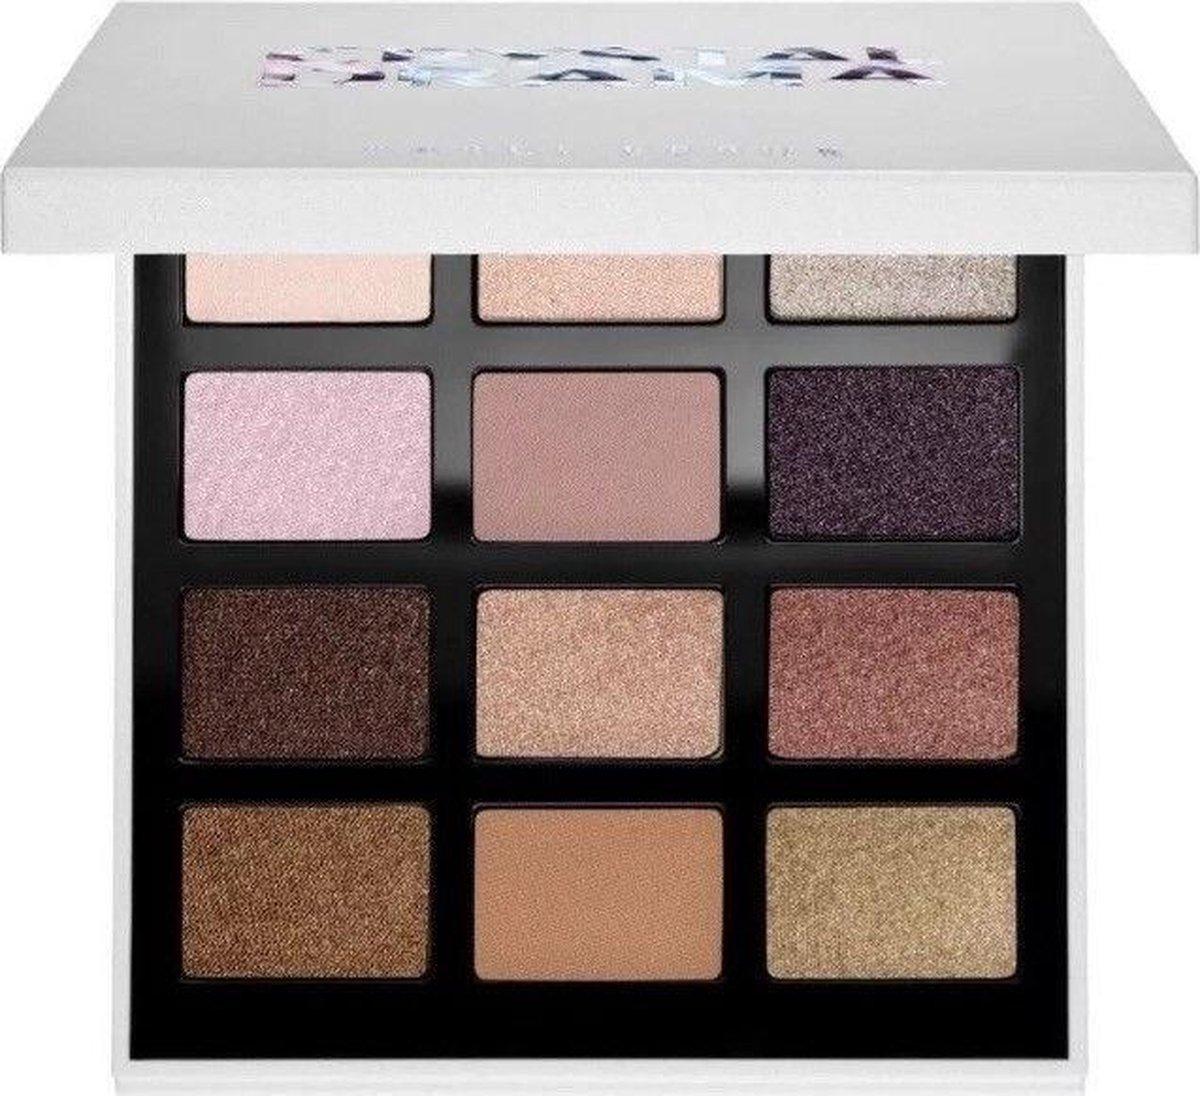 Bobbi Brown Crystal Drama Eyeshadow Palette - Bobbi Brown